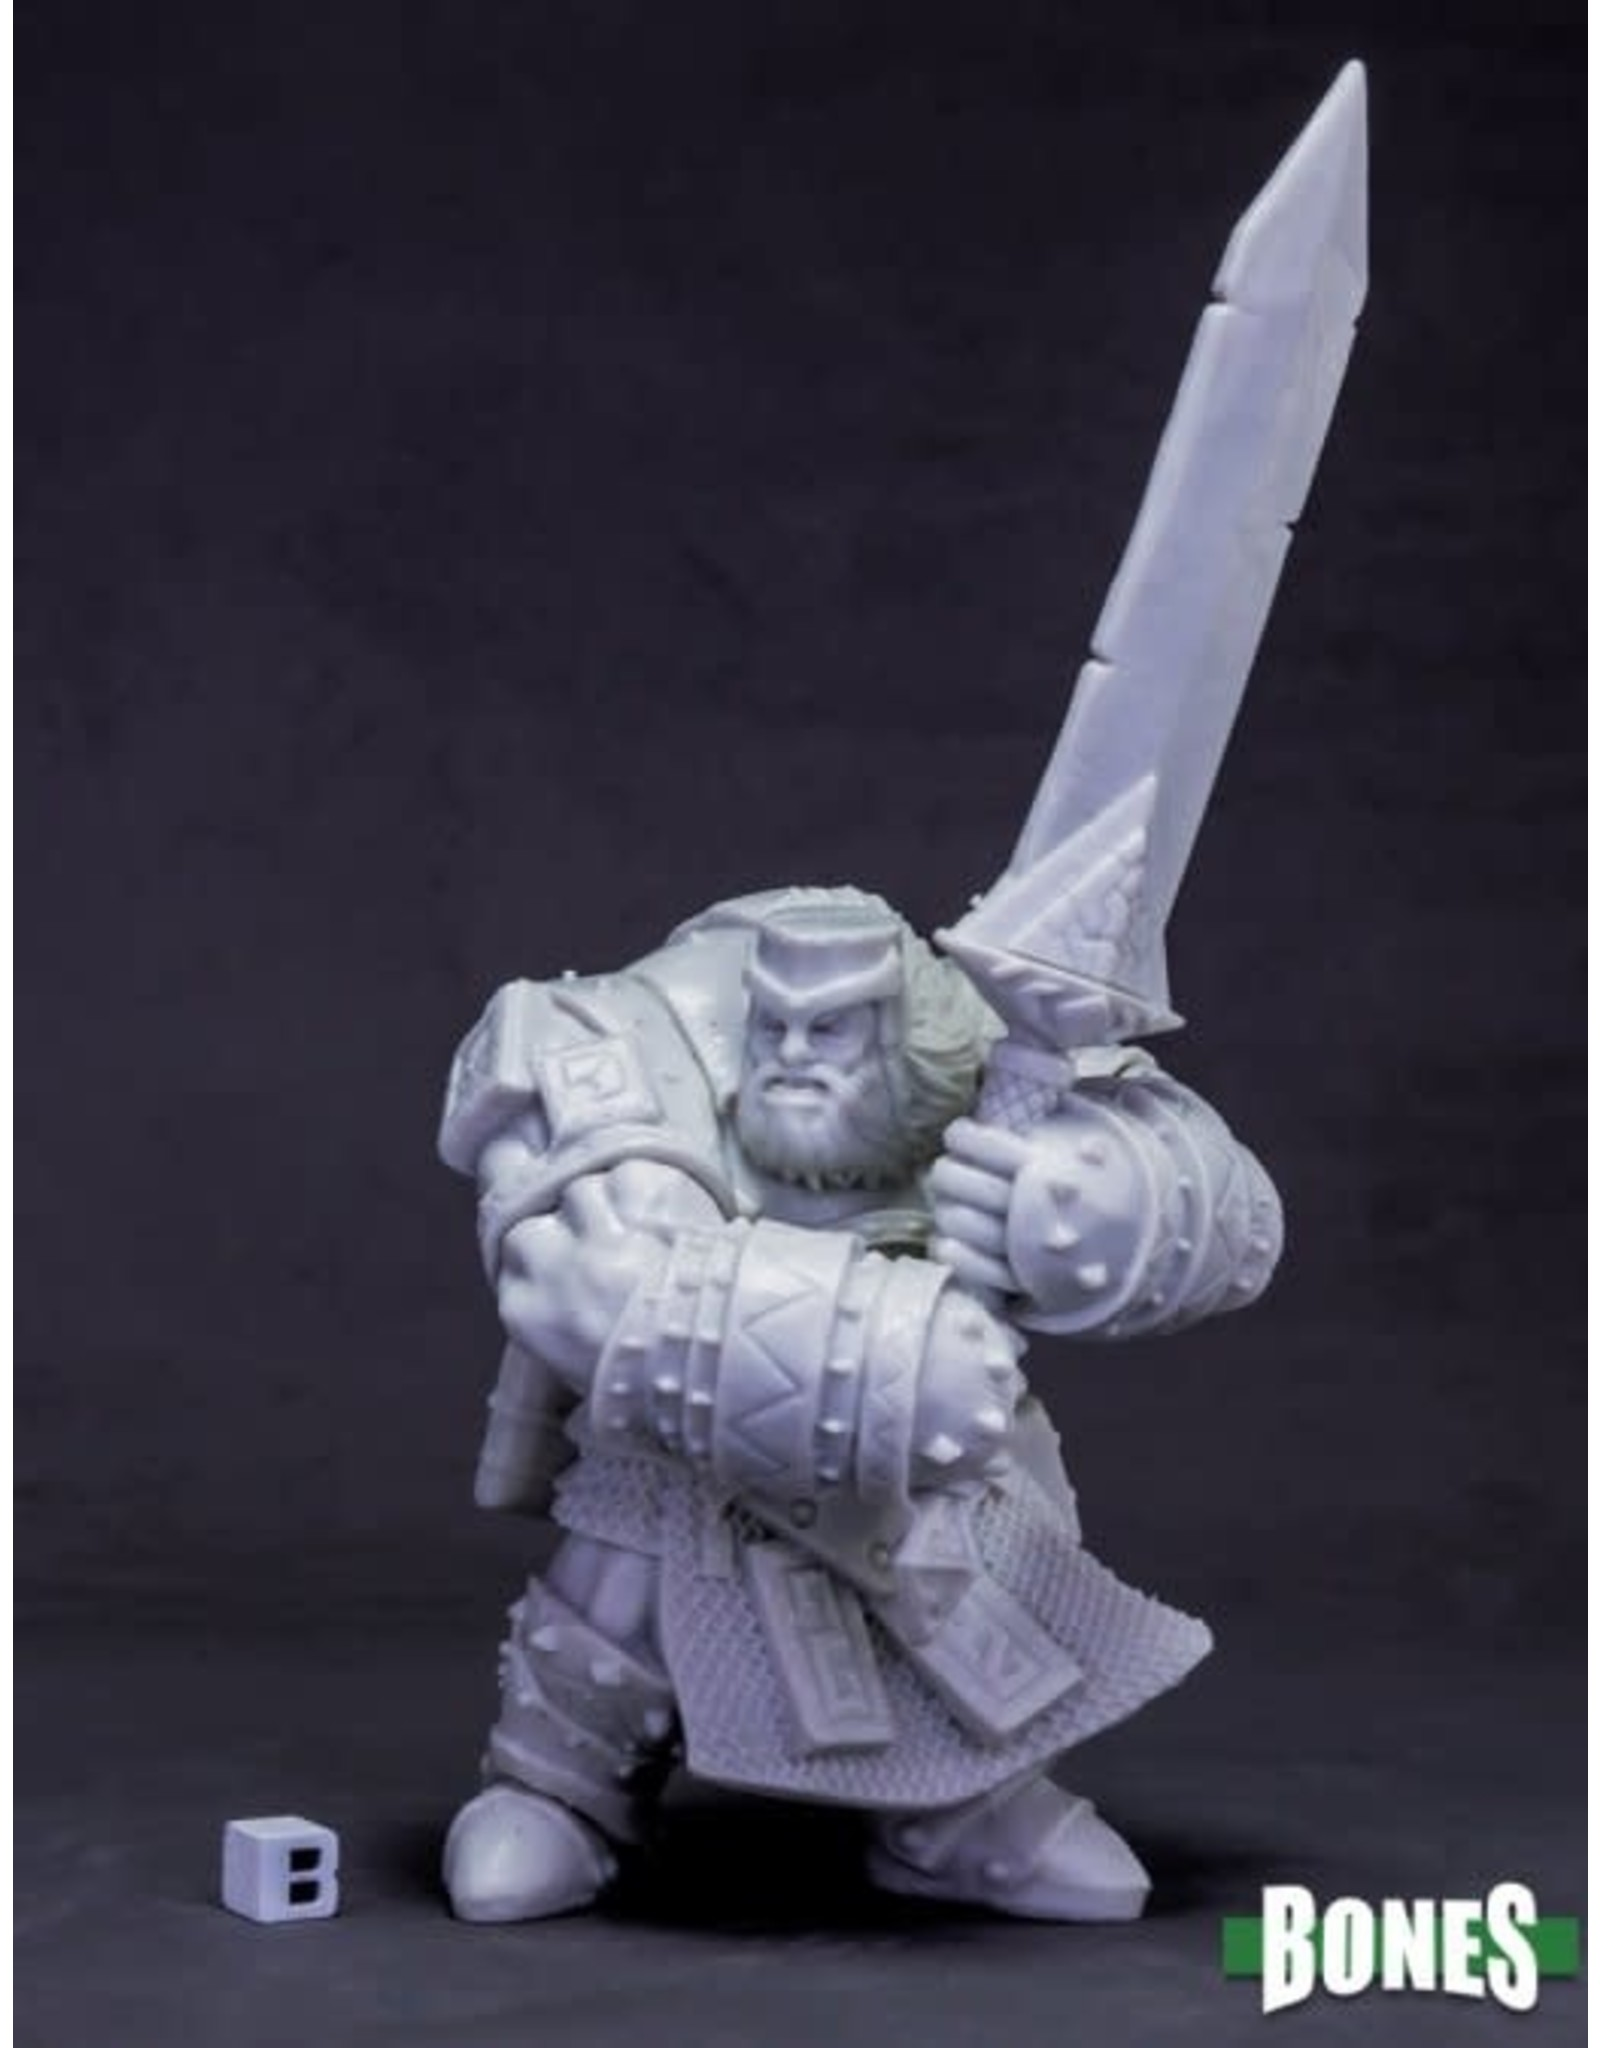 Reaper Reaper: Bones: Fire Giant Bodyguard